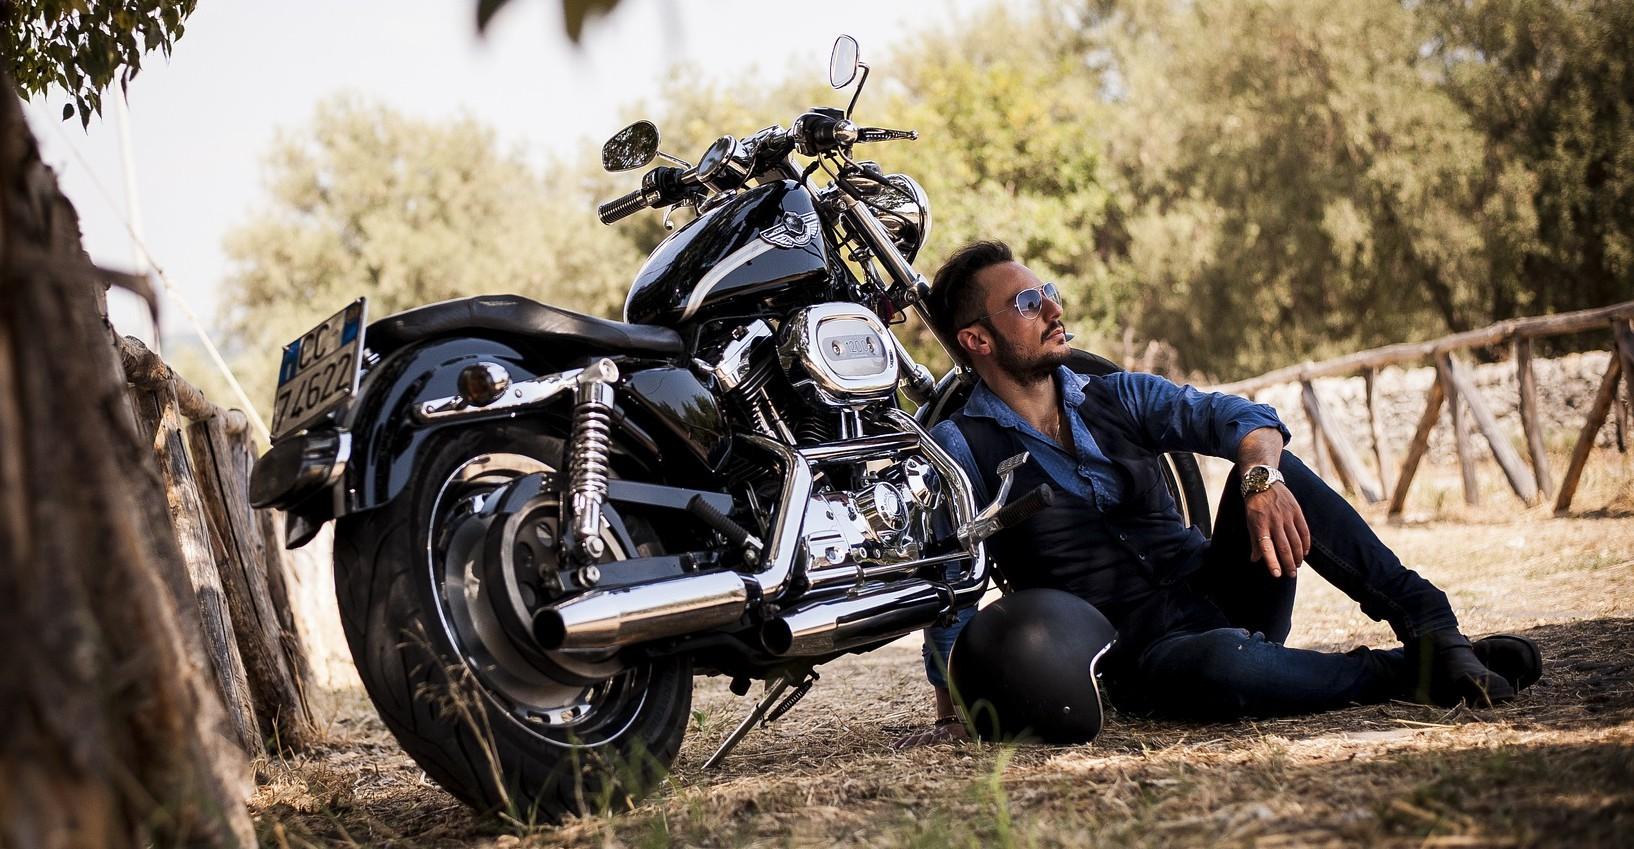 Zlot miłośników motocykli, pokaz kulturystyczny i koncerty. JAŚ WĘDROWNICZEK zaprasza!